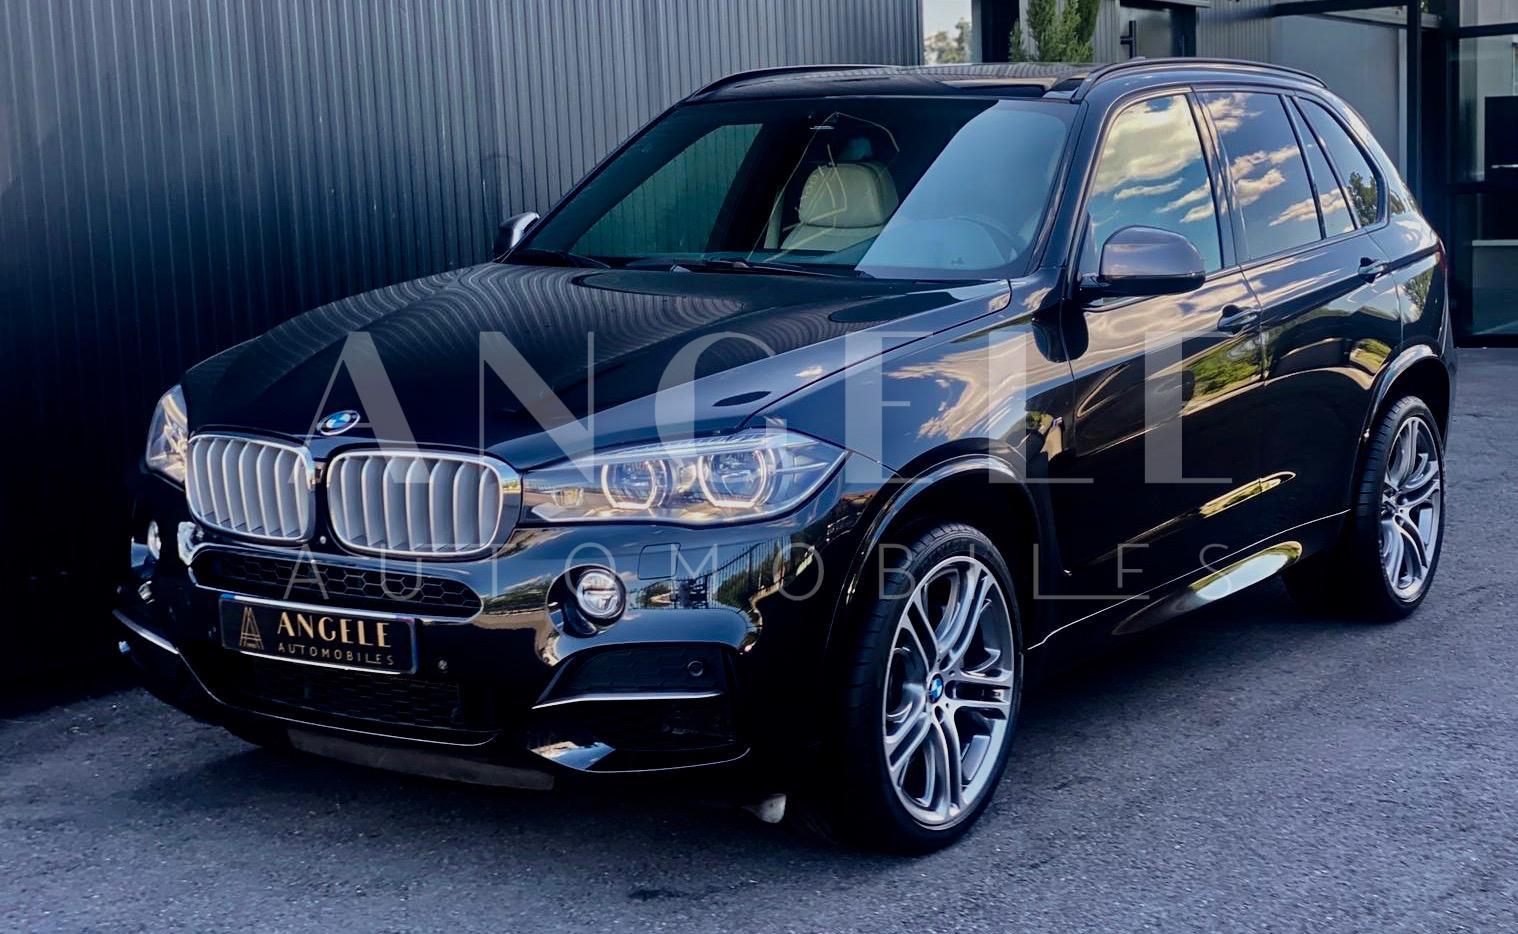 BMW X5 Angelé Automobiles